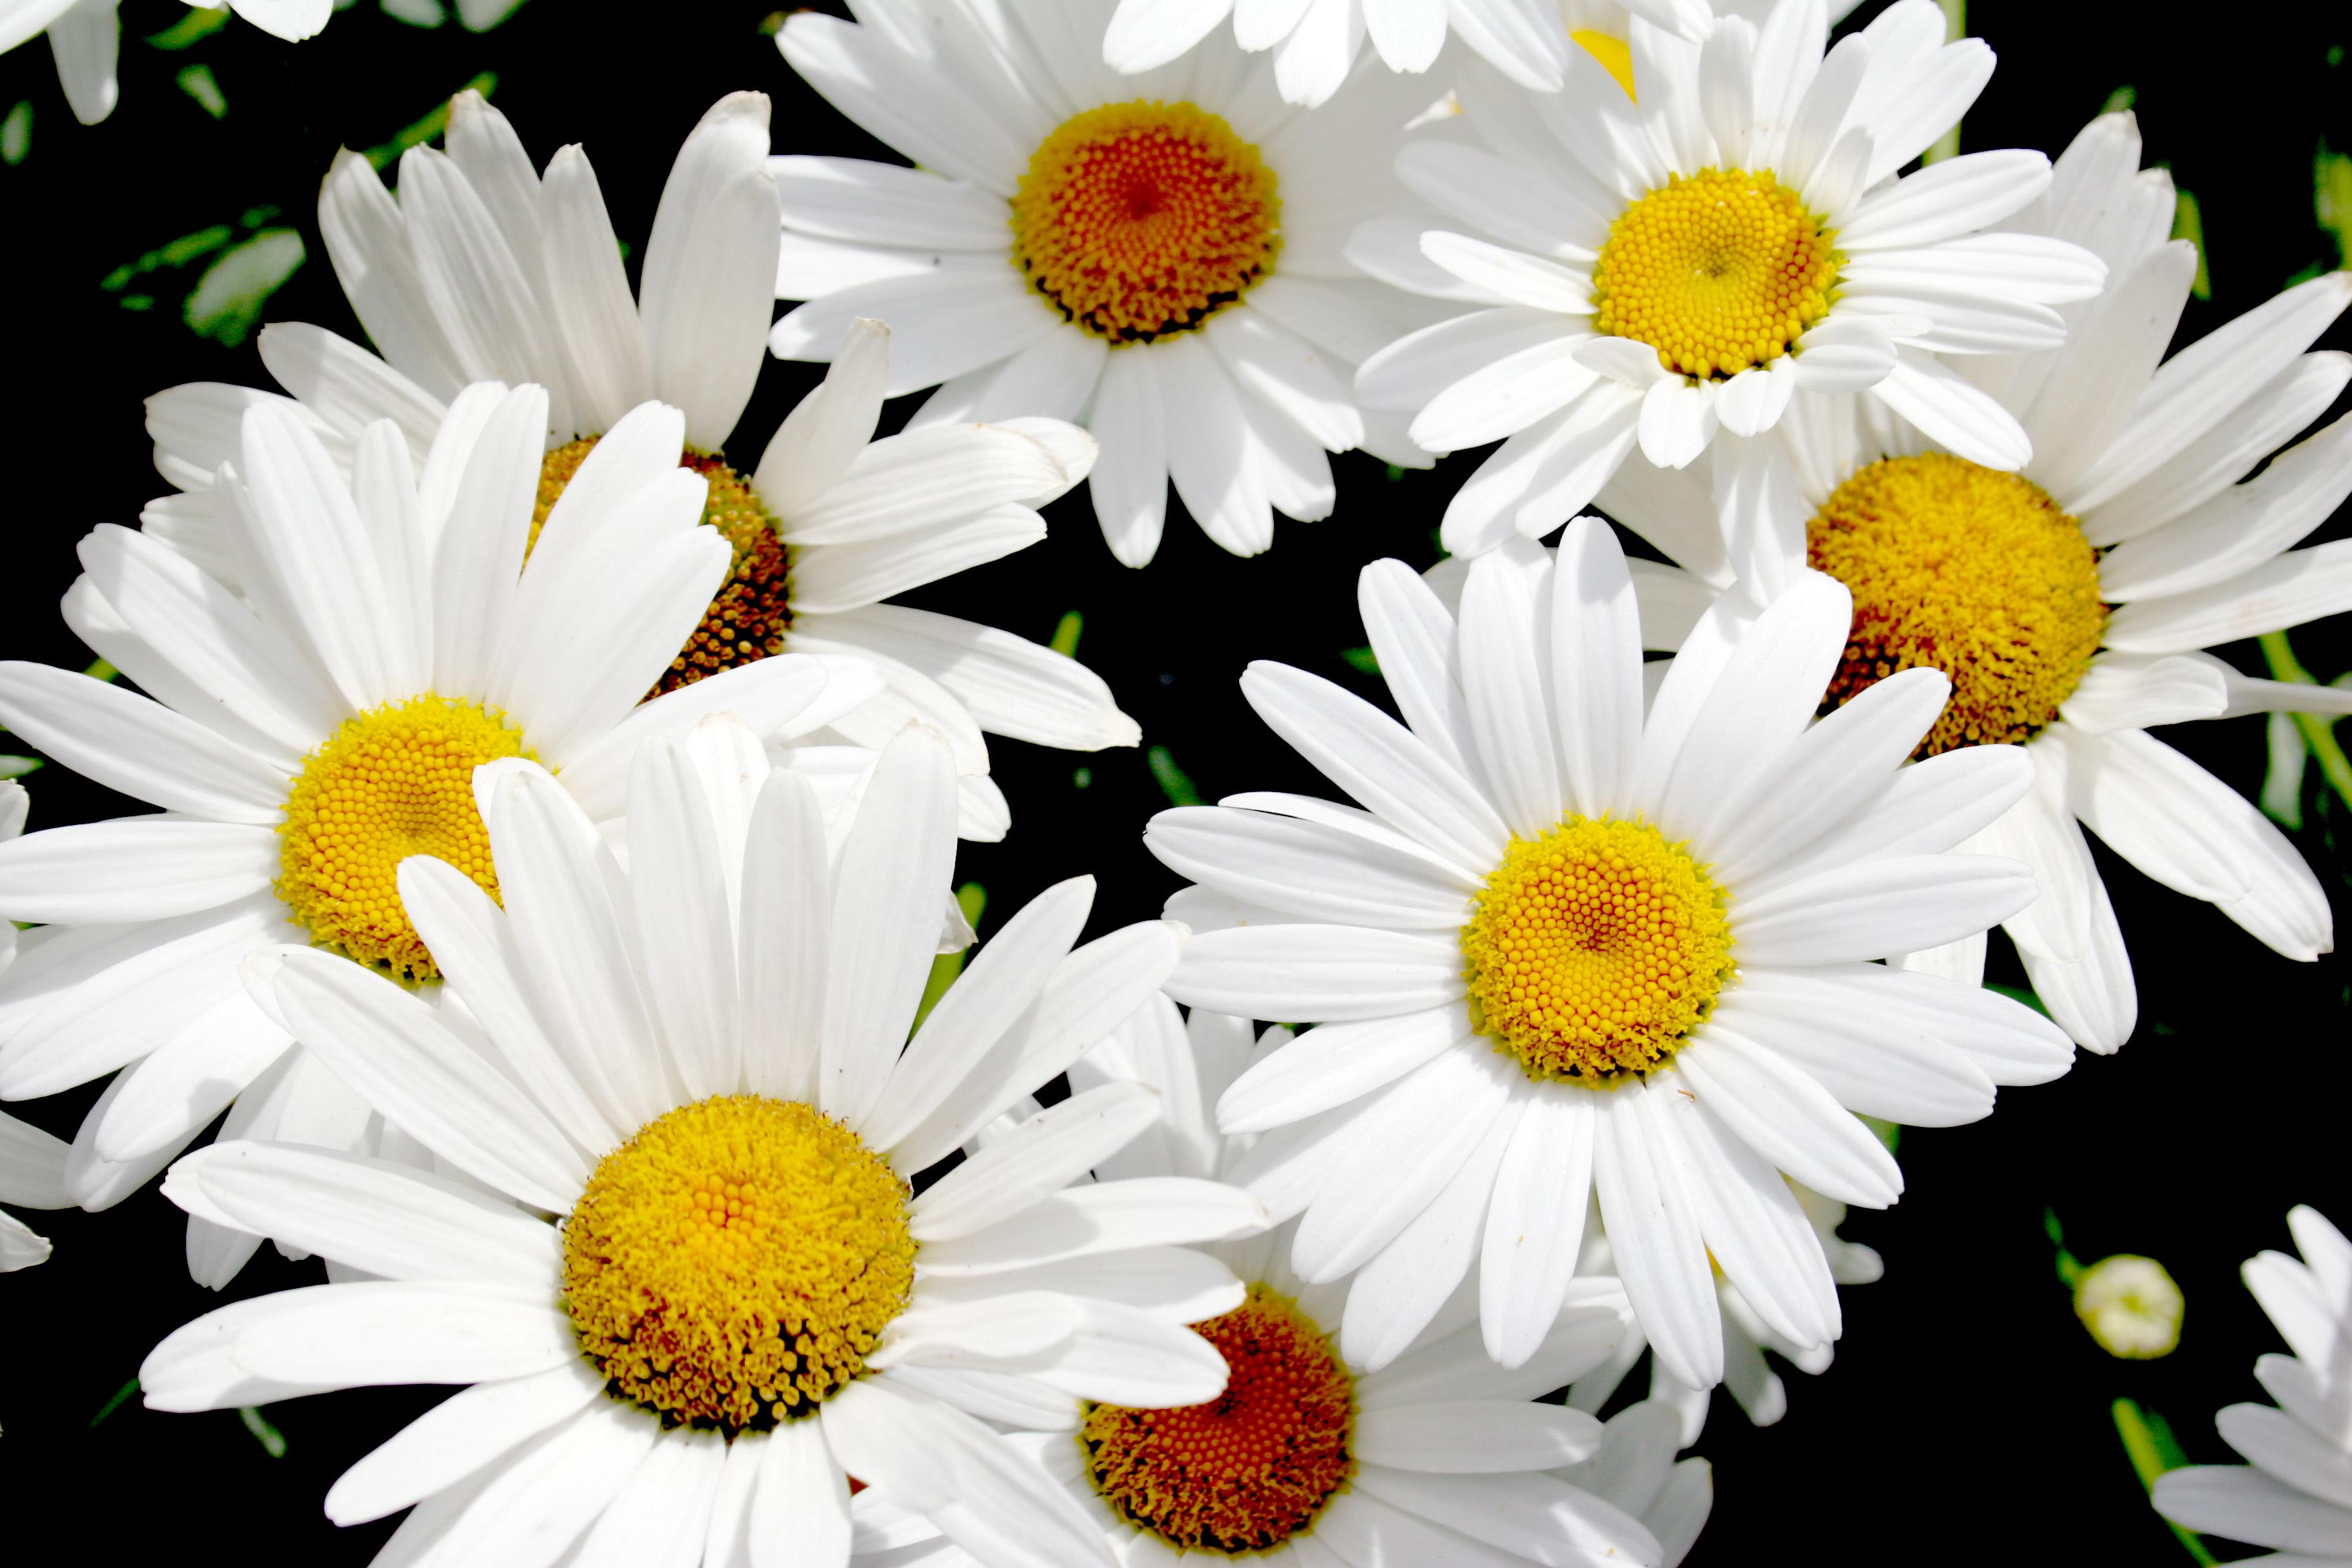 Popular white blooms